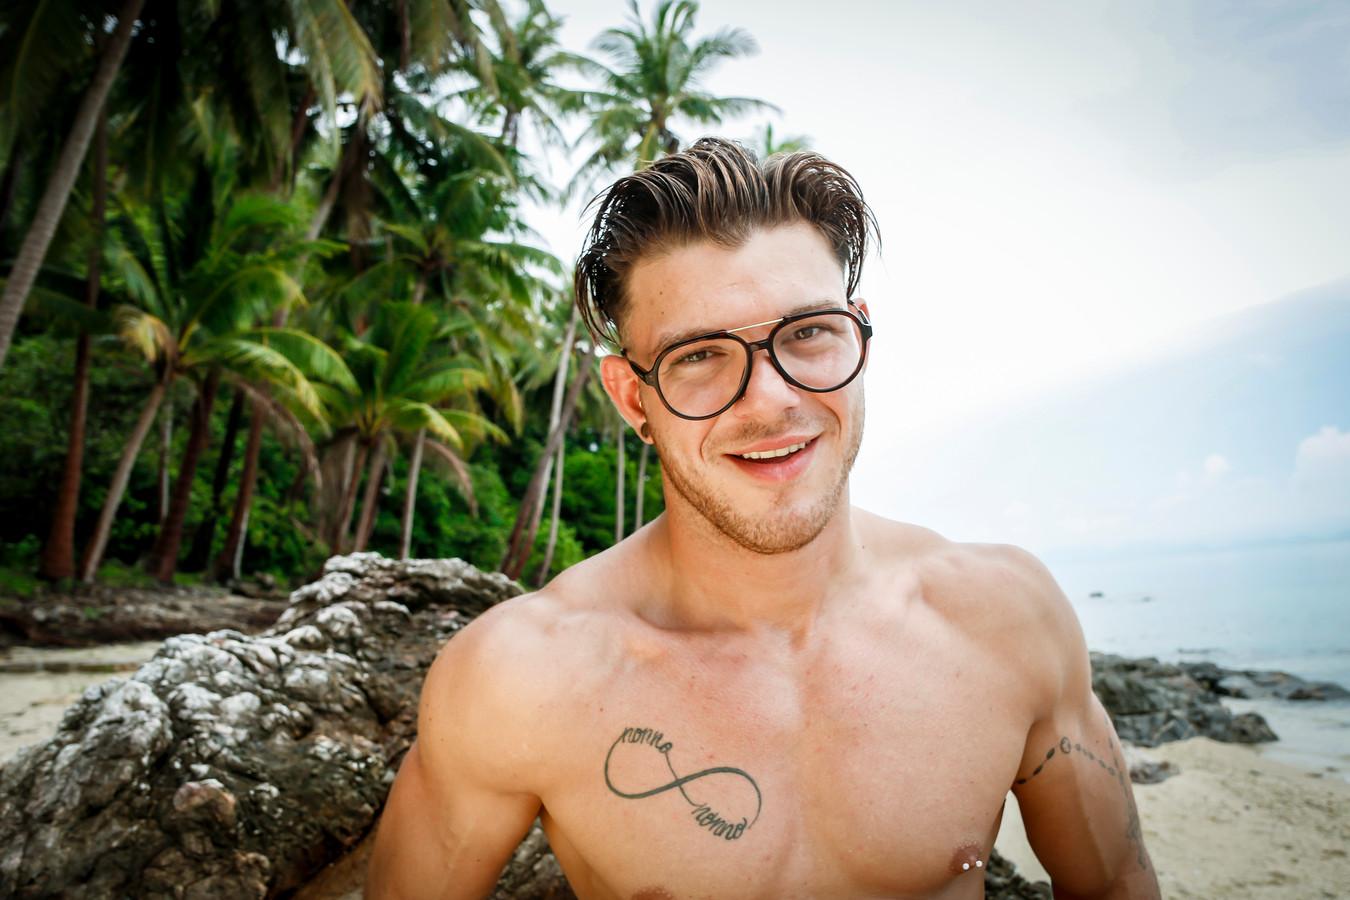 Temptation Island 2019 Aflevering 3: Dit Zijn De Mannelijke Verleiders Van Temptation Island